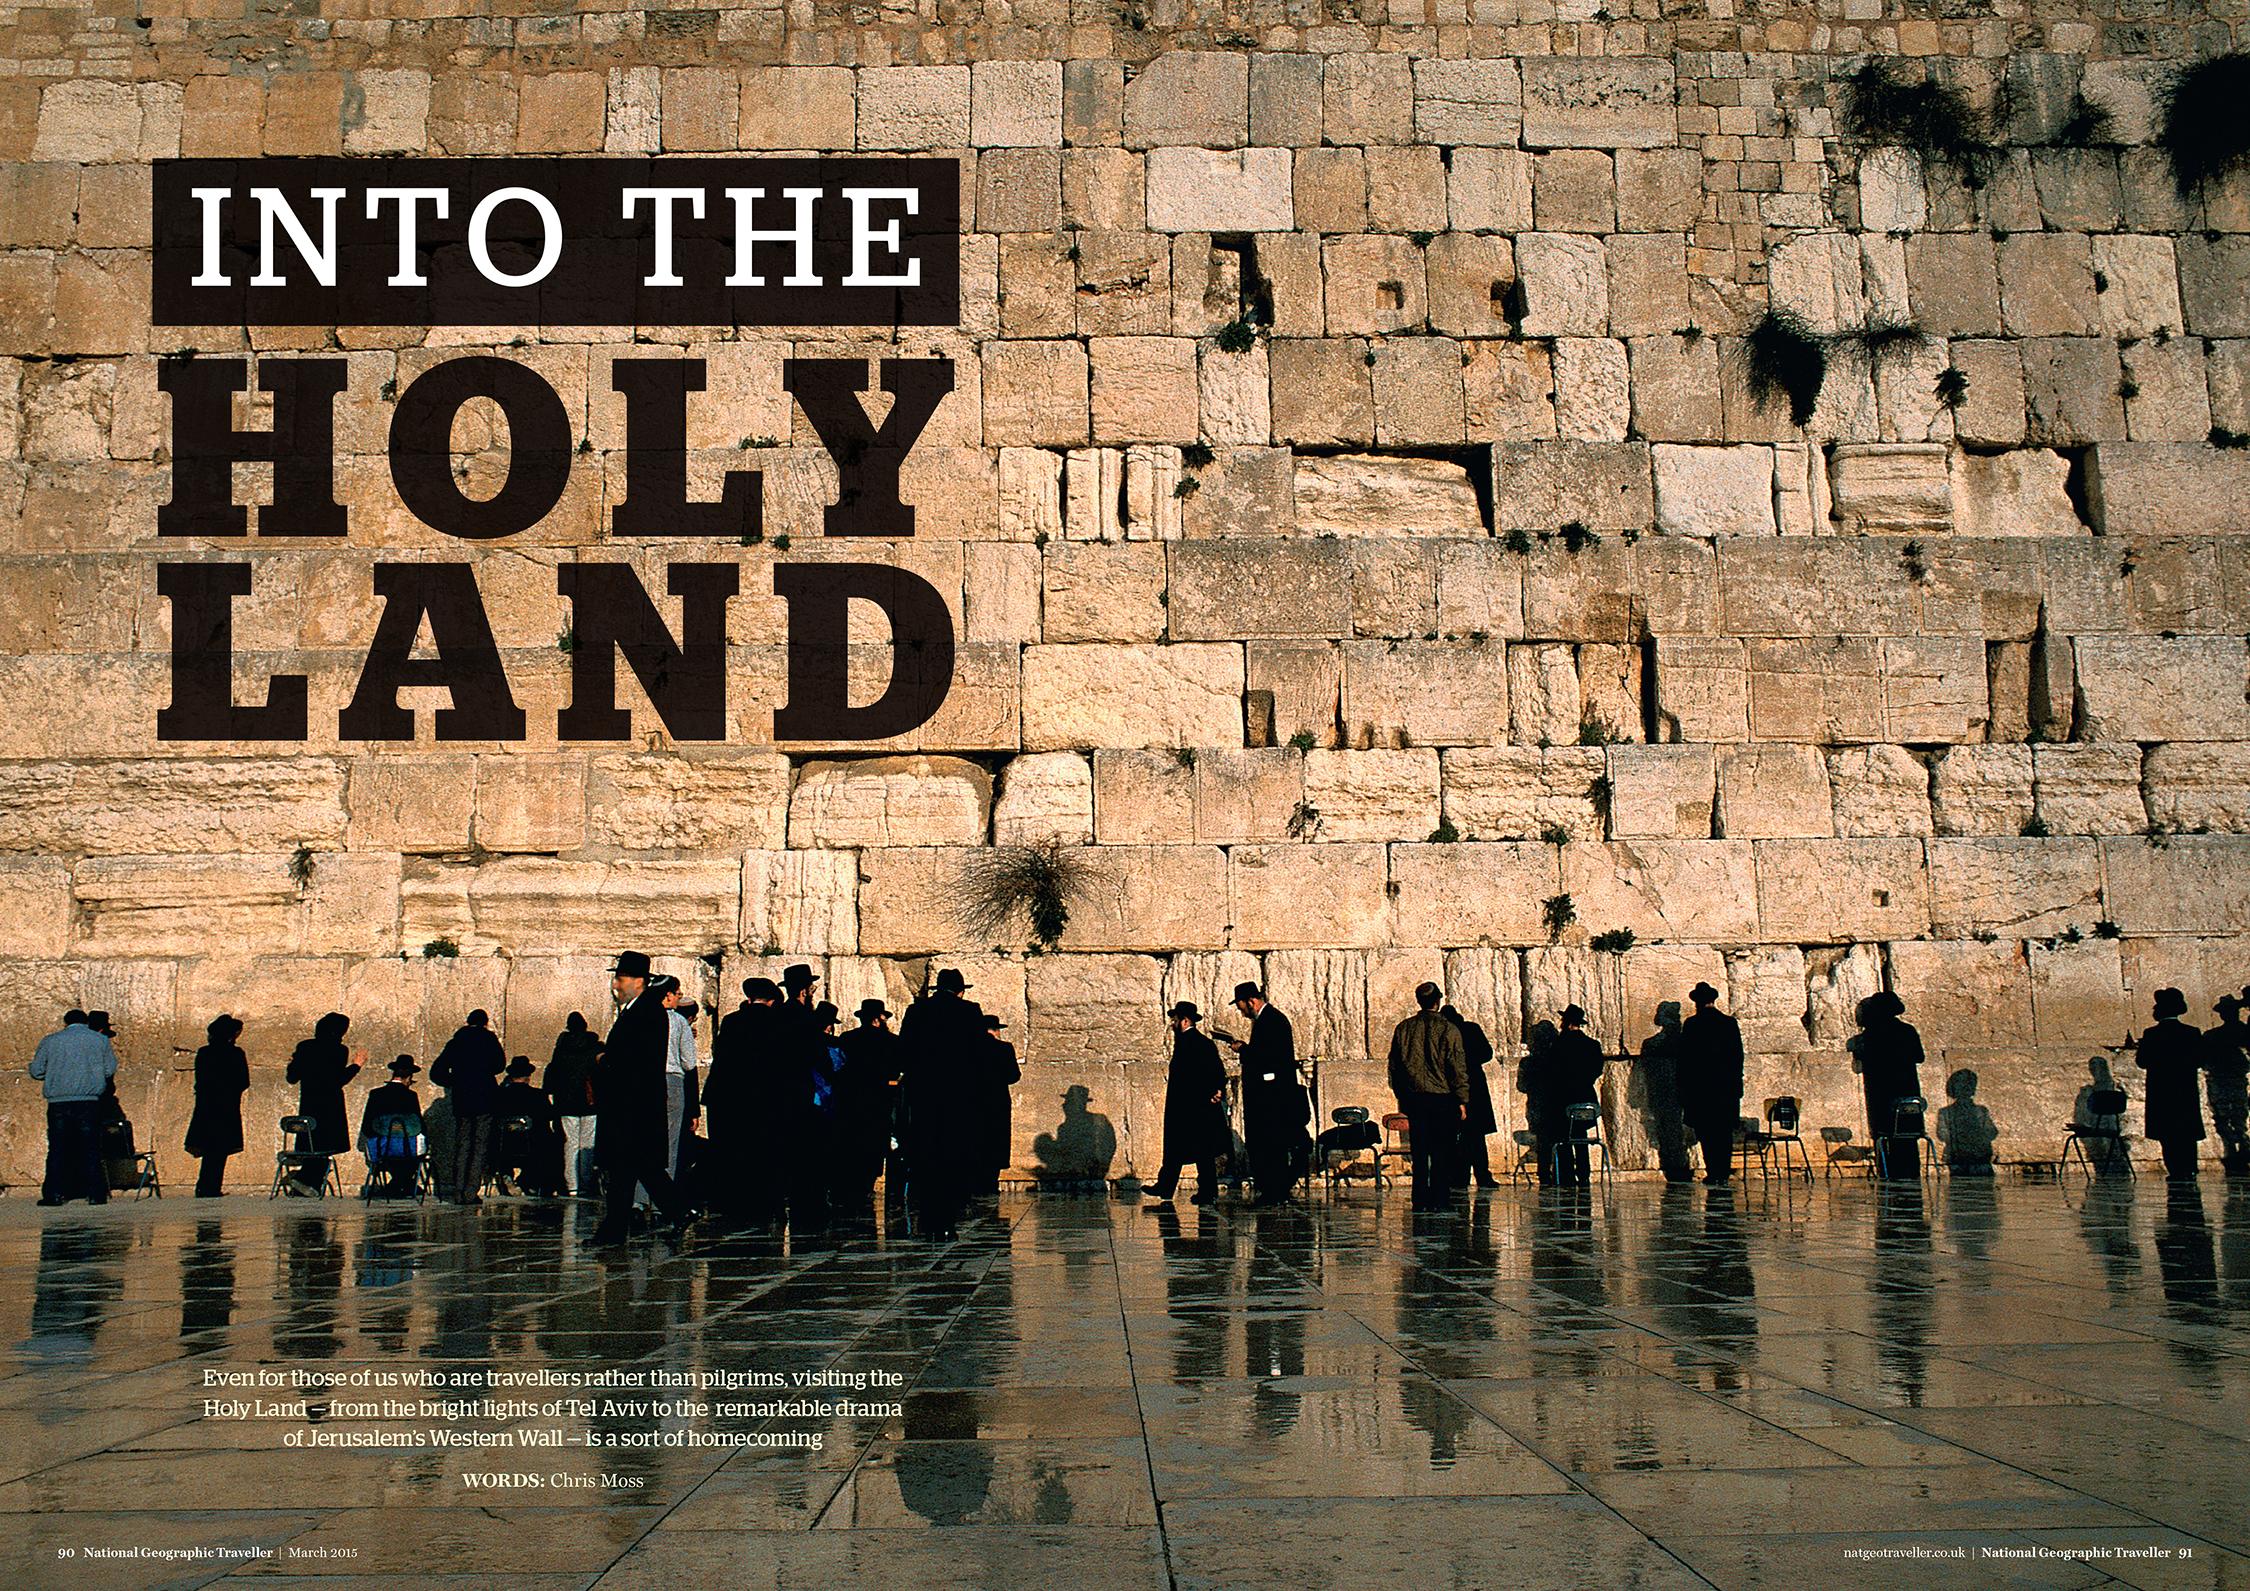 NGT0315_ISRAEL.jpg